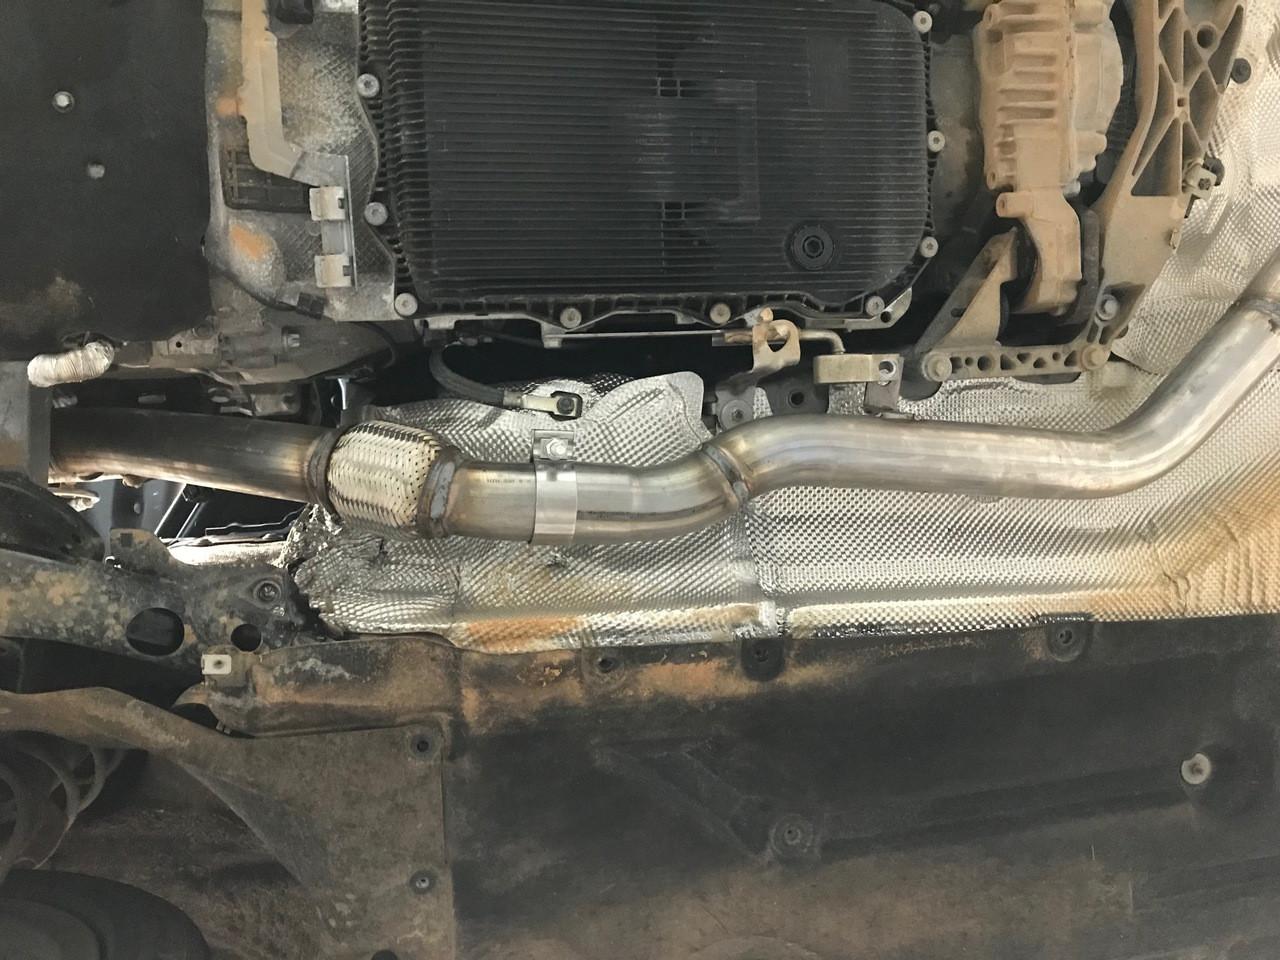 Buzzken - 328d DPF/SCR delete (AAR2305)